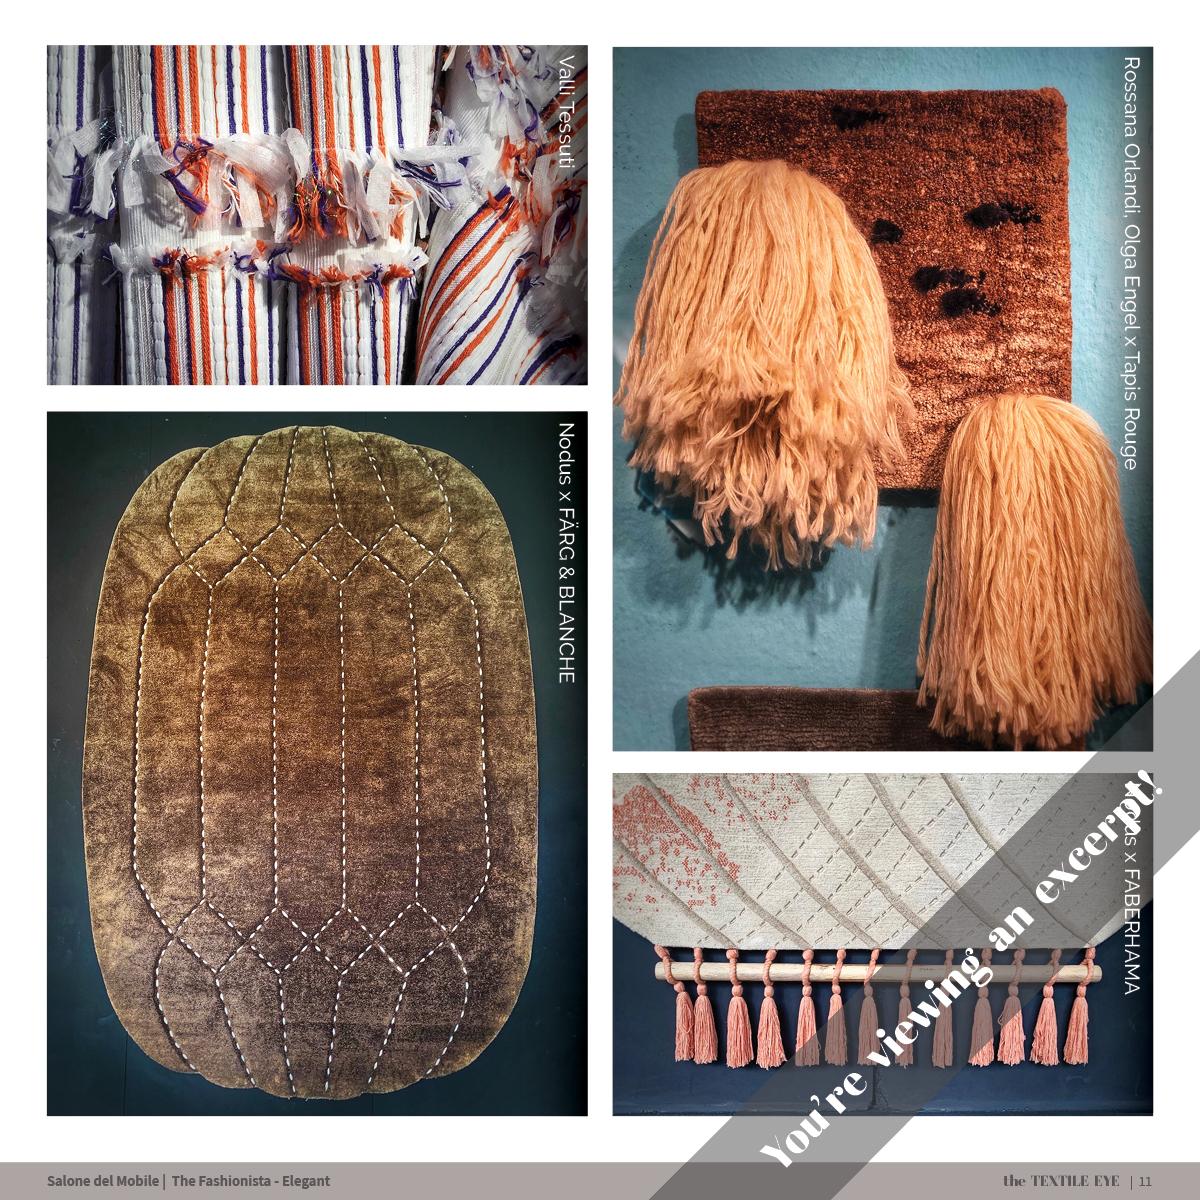 The Textile Eye Issue 2 Summer 19 Excerpt LR11.jpg